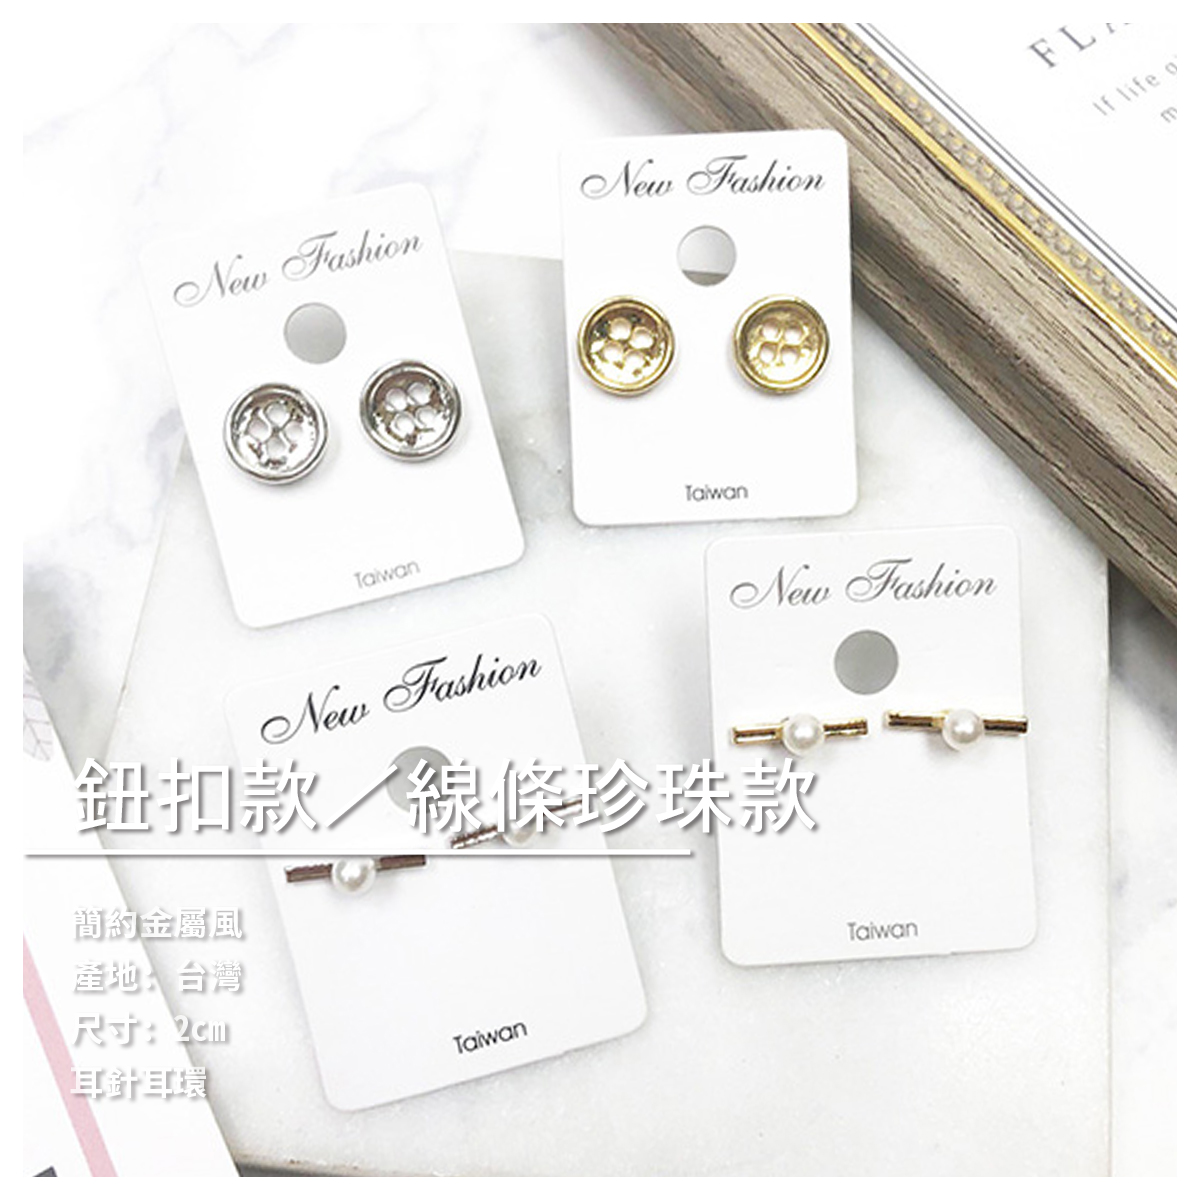 【JG飾品】鈕扣款/線條珍珠款 耳針耳環 2款